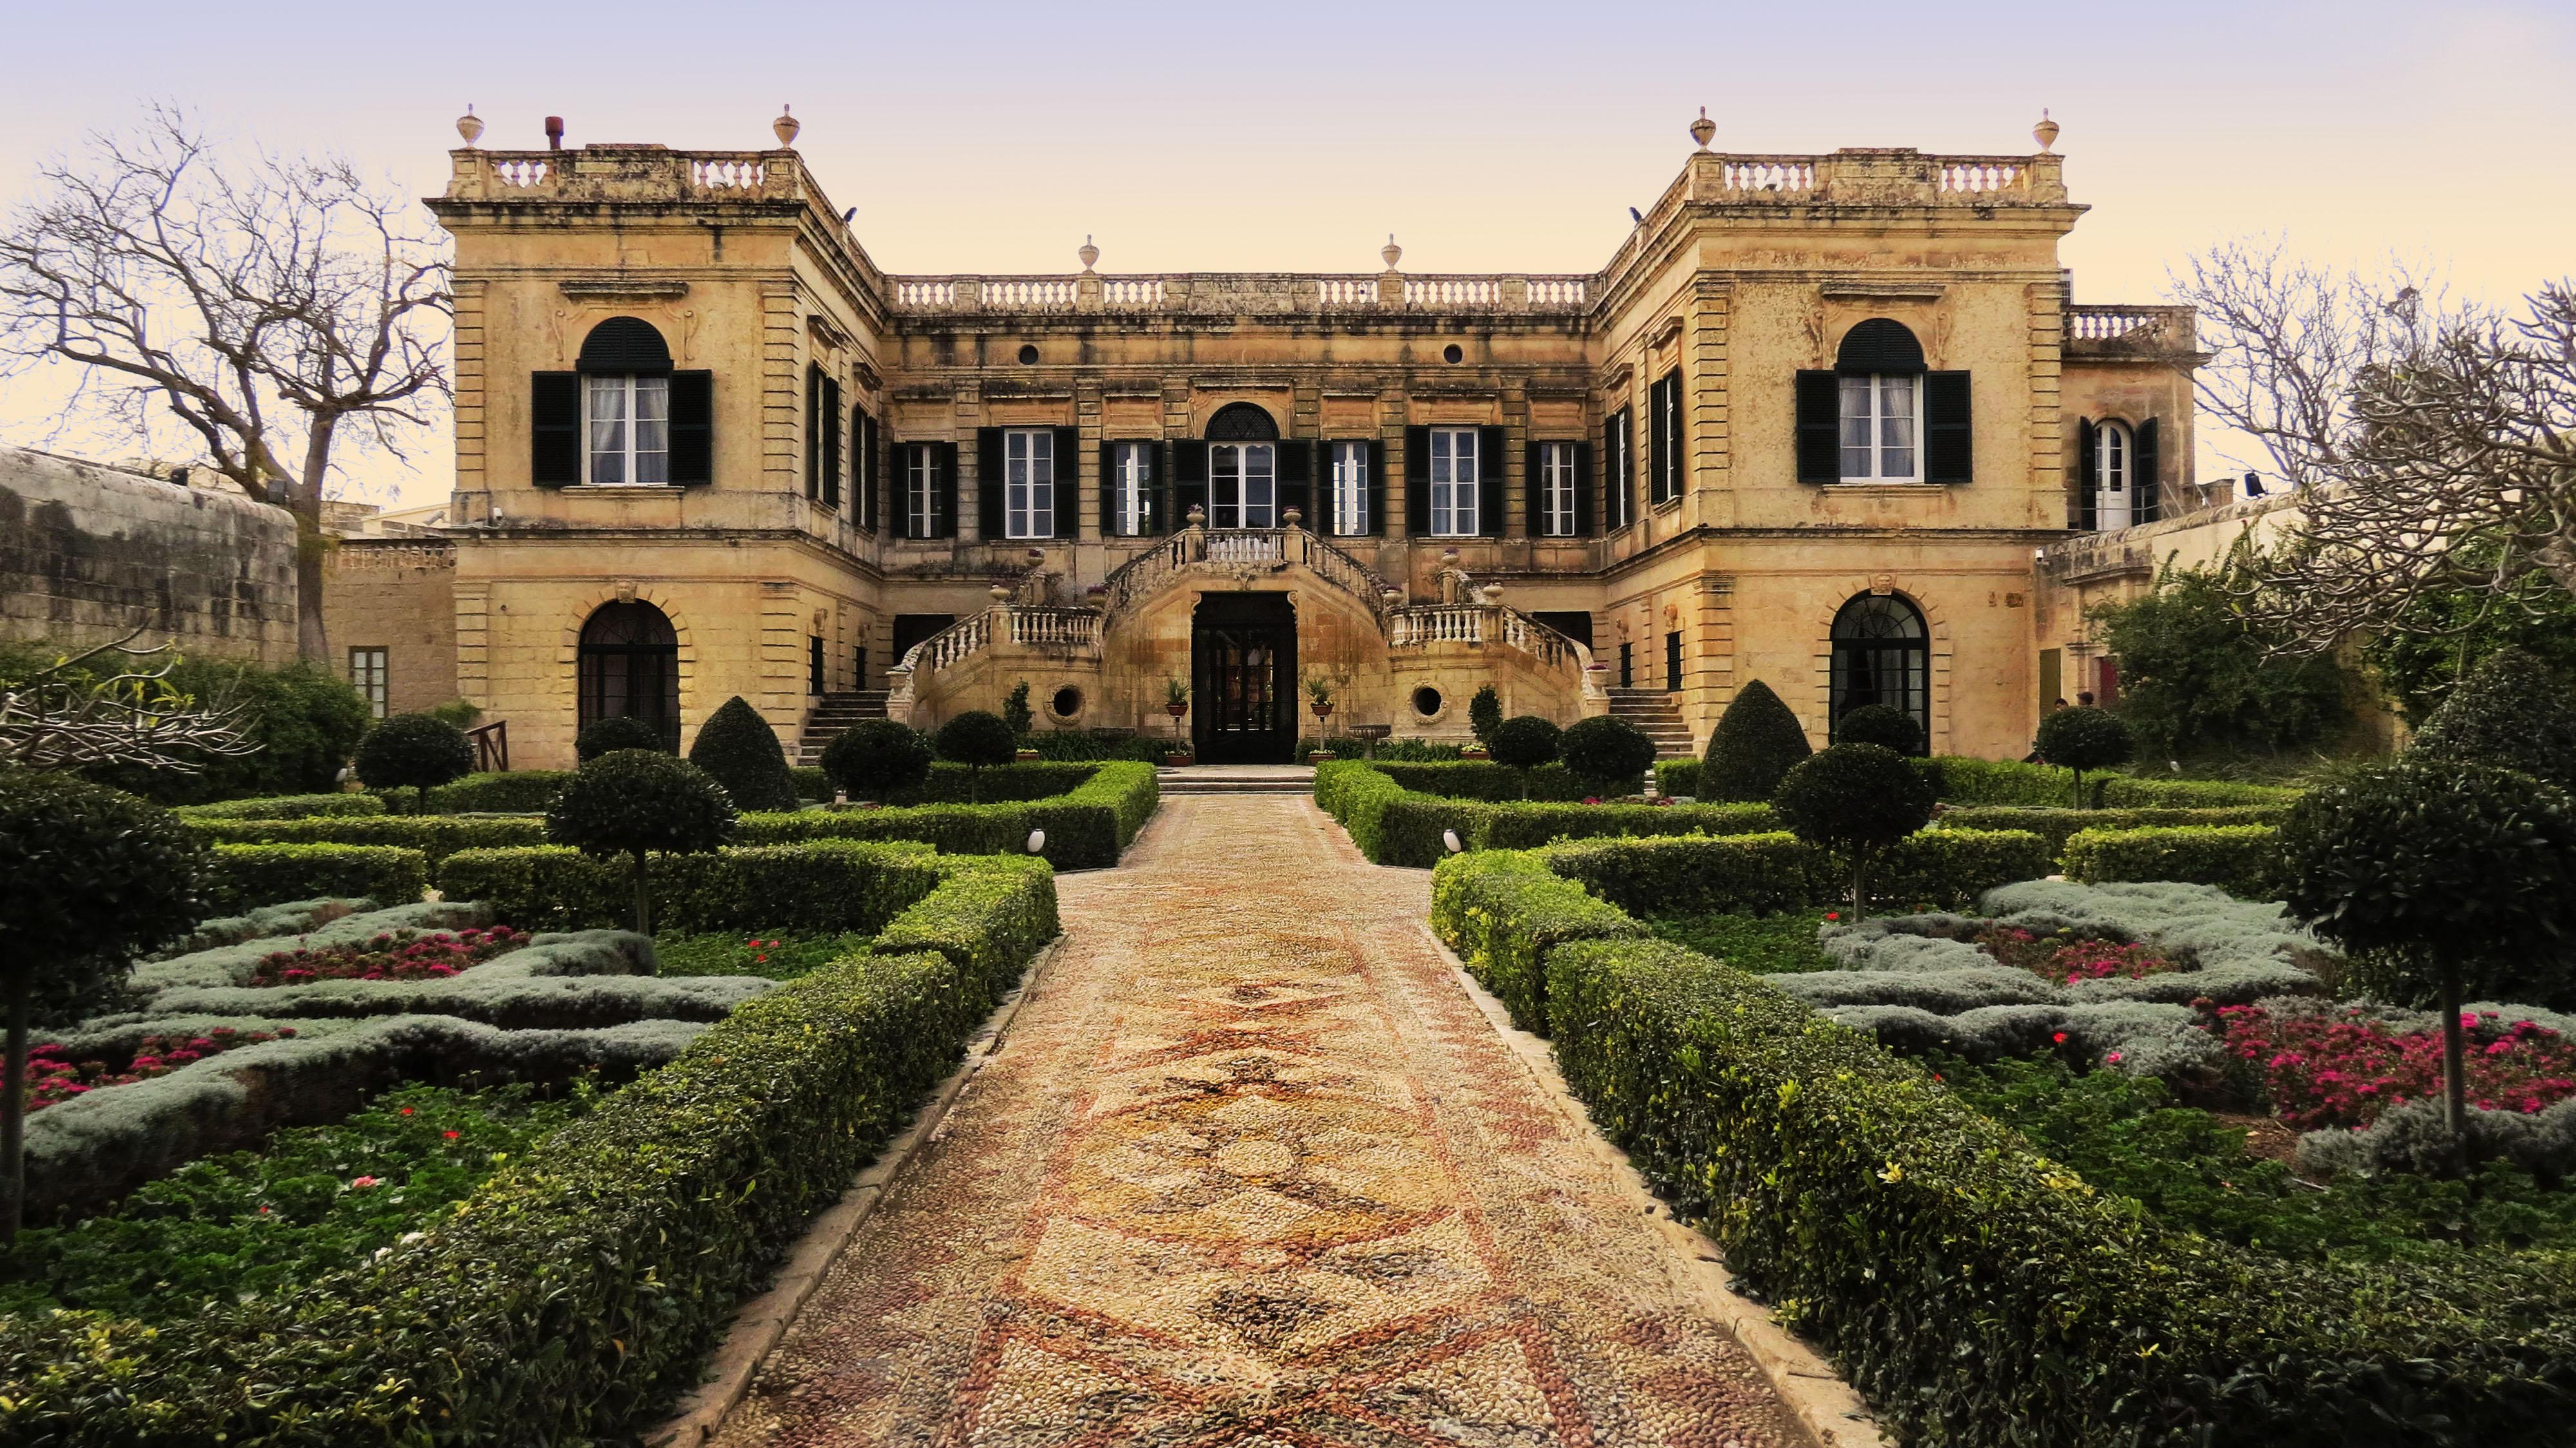 Villa Francia - The Prime minister of Malta residence | Lija Local ...